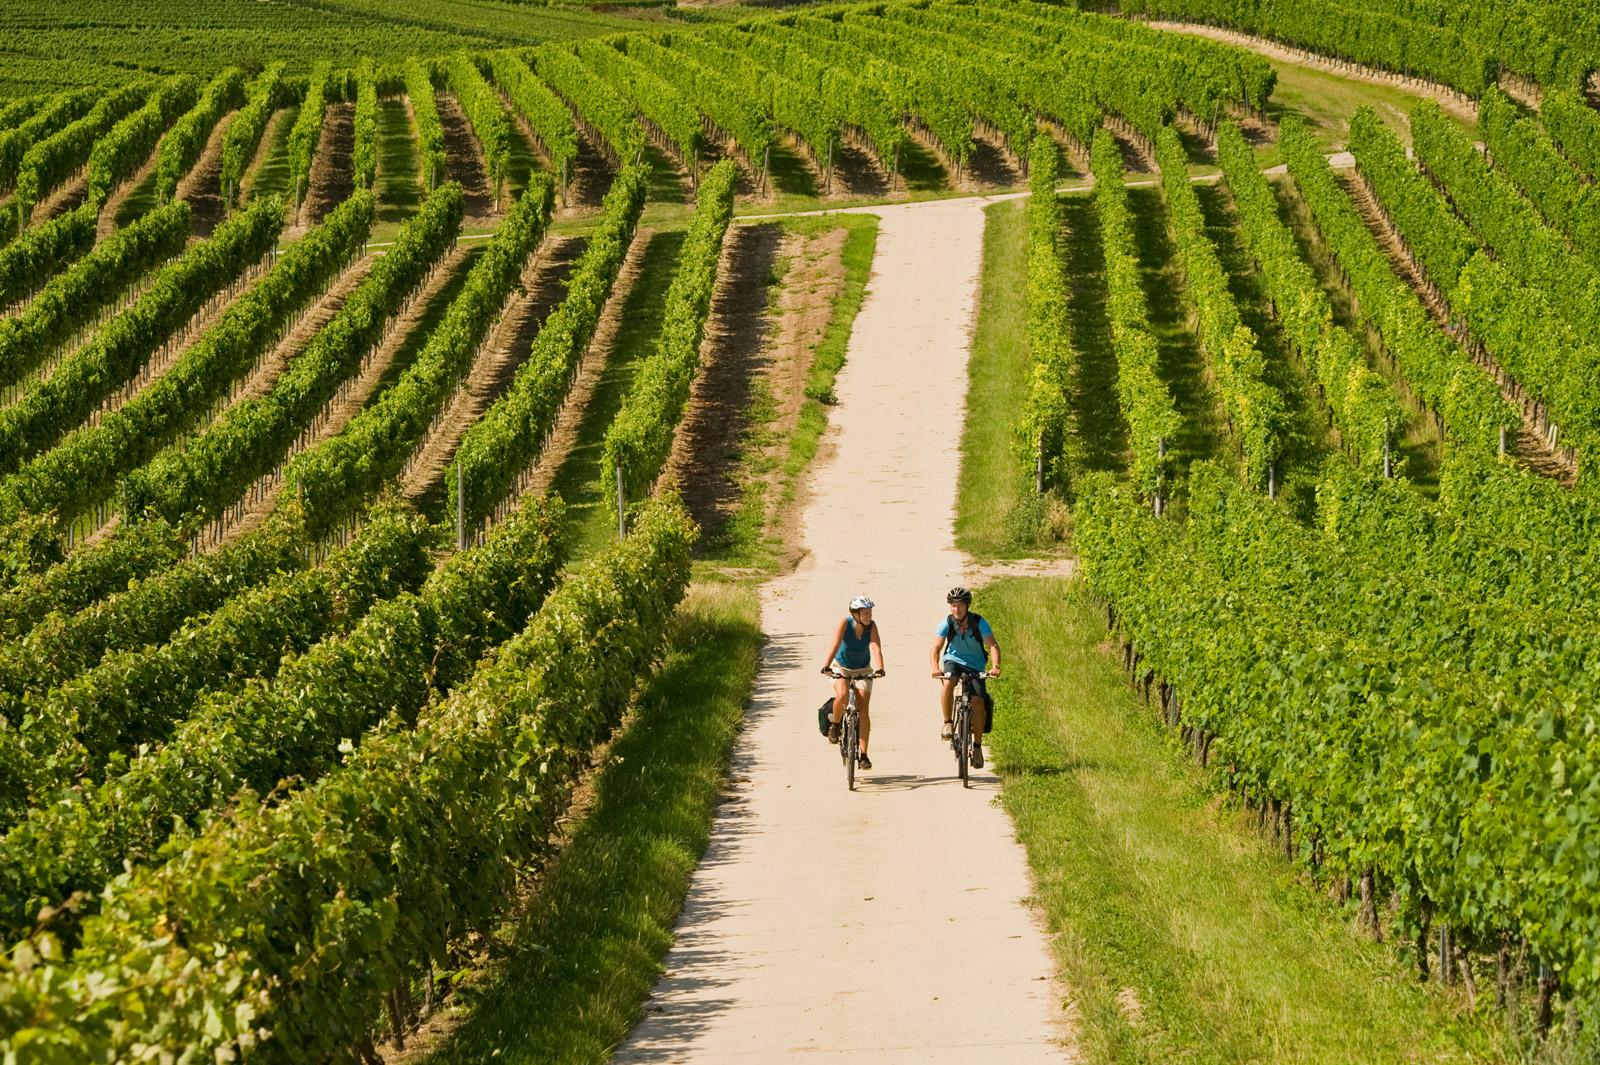 Fietsen door de wijnlandschap, Rijn-Hessen